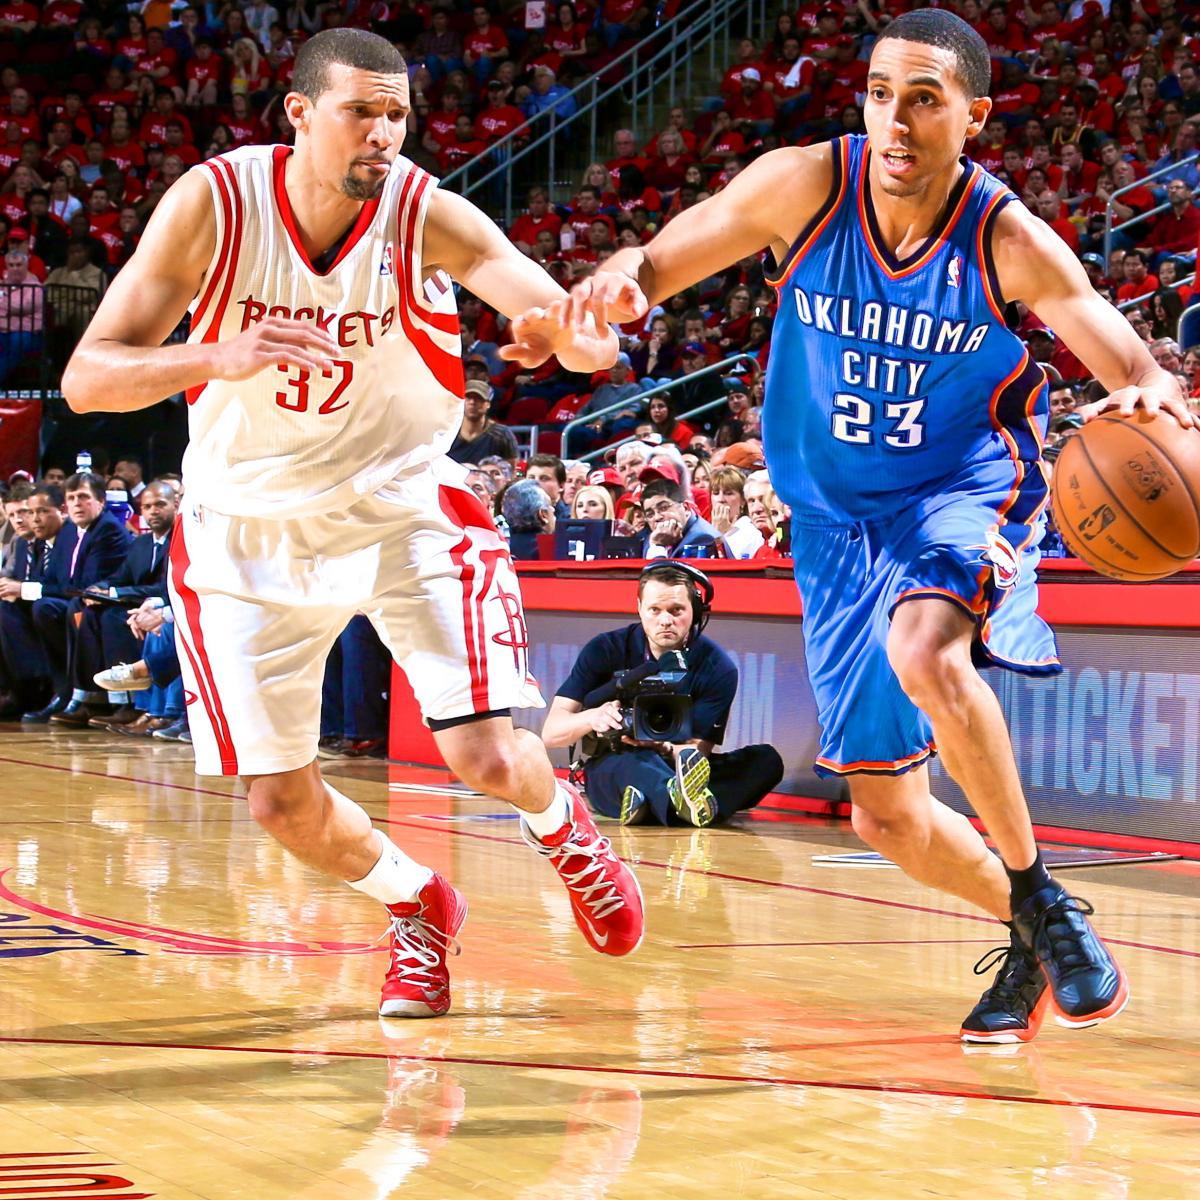 Houston Rockets Vs Oklahoma City Thunder: Houston Rockets Vs. OKC Thunder: Game 6 Score, Highlights